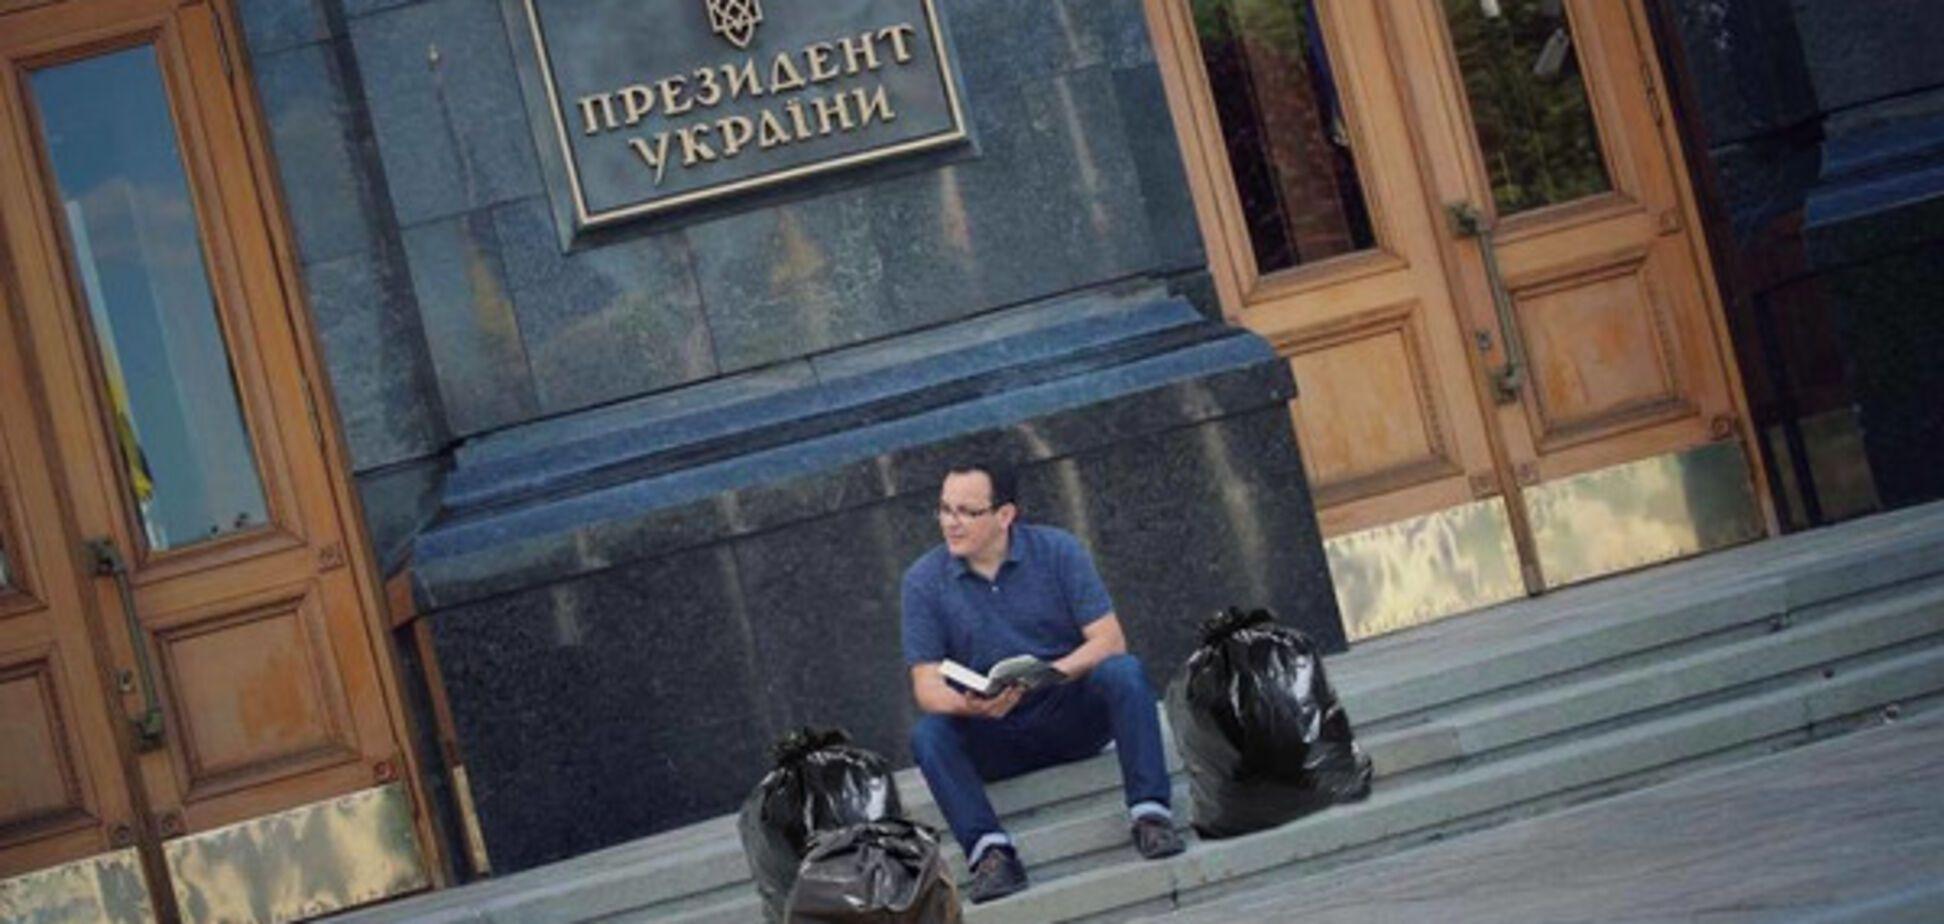 'Савченко номер два?' Соцсети взбудоражила голодовка известного нардепа